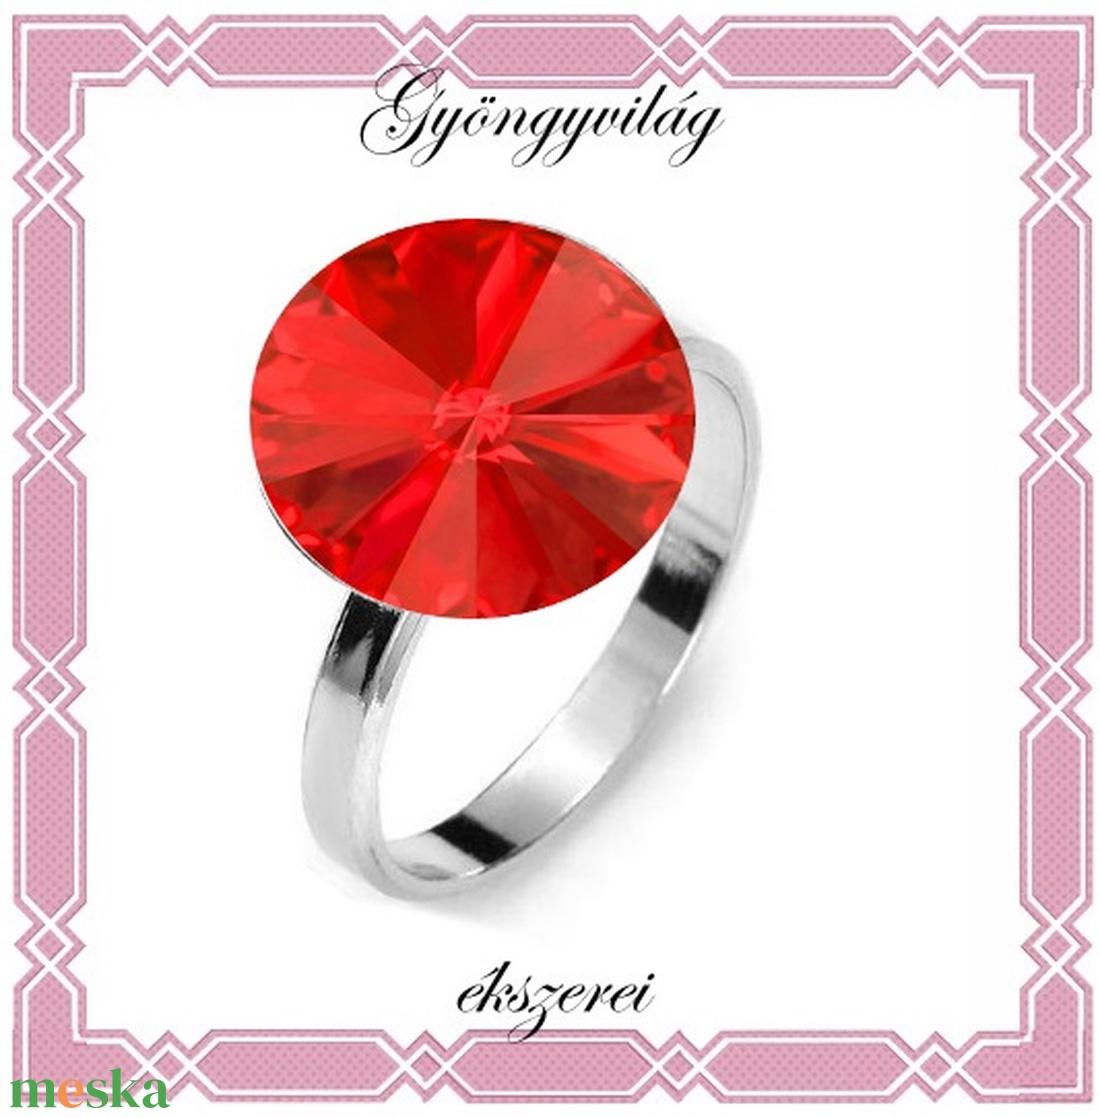 925-ös sterling ezüst, bevizsgált gyűrű  - ékszer - gyűrű - szoliter gyűrű - Meska.hu